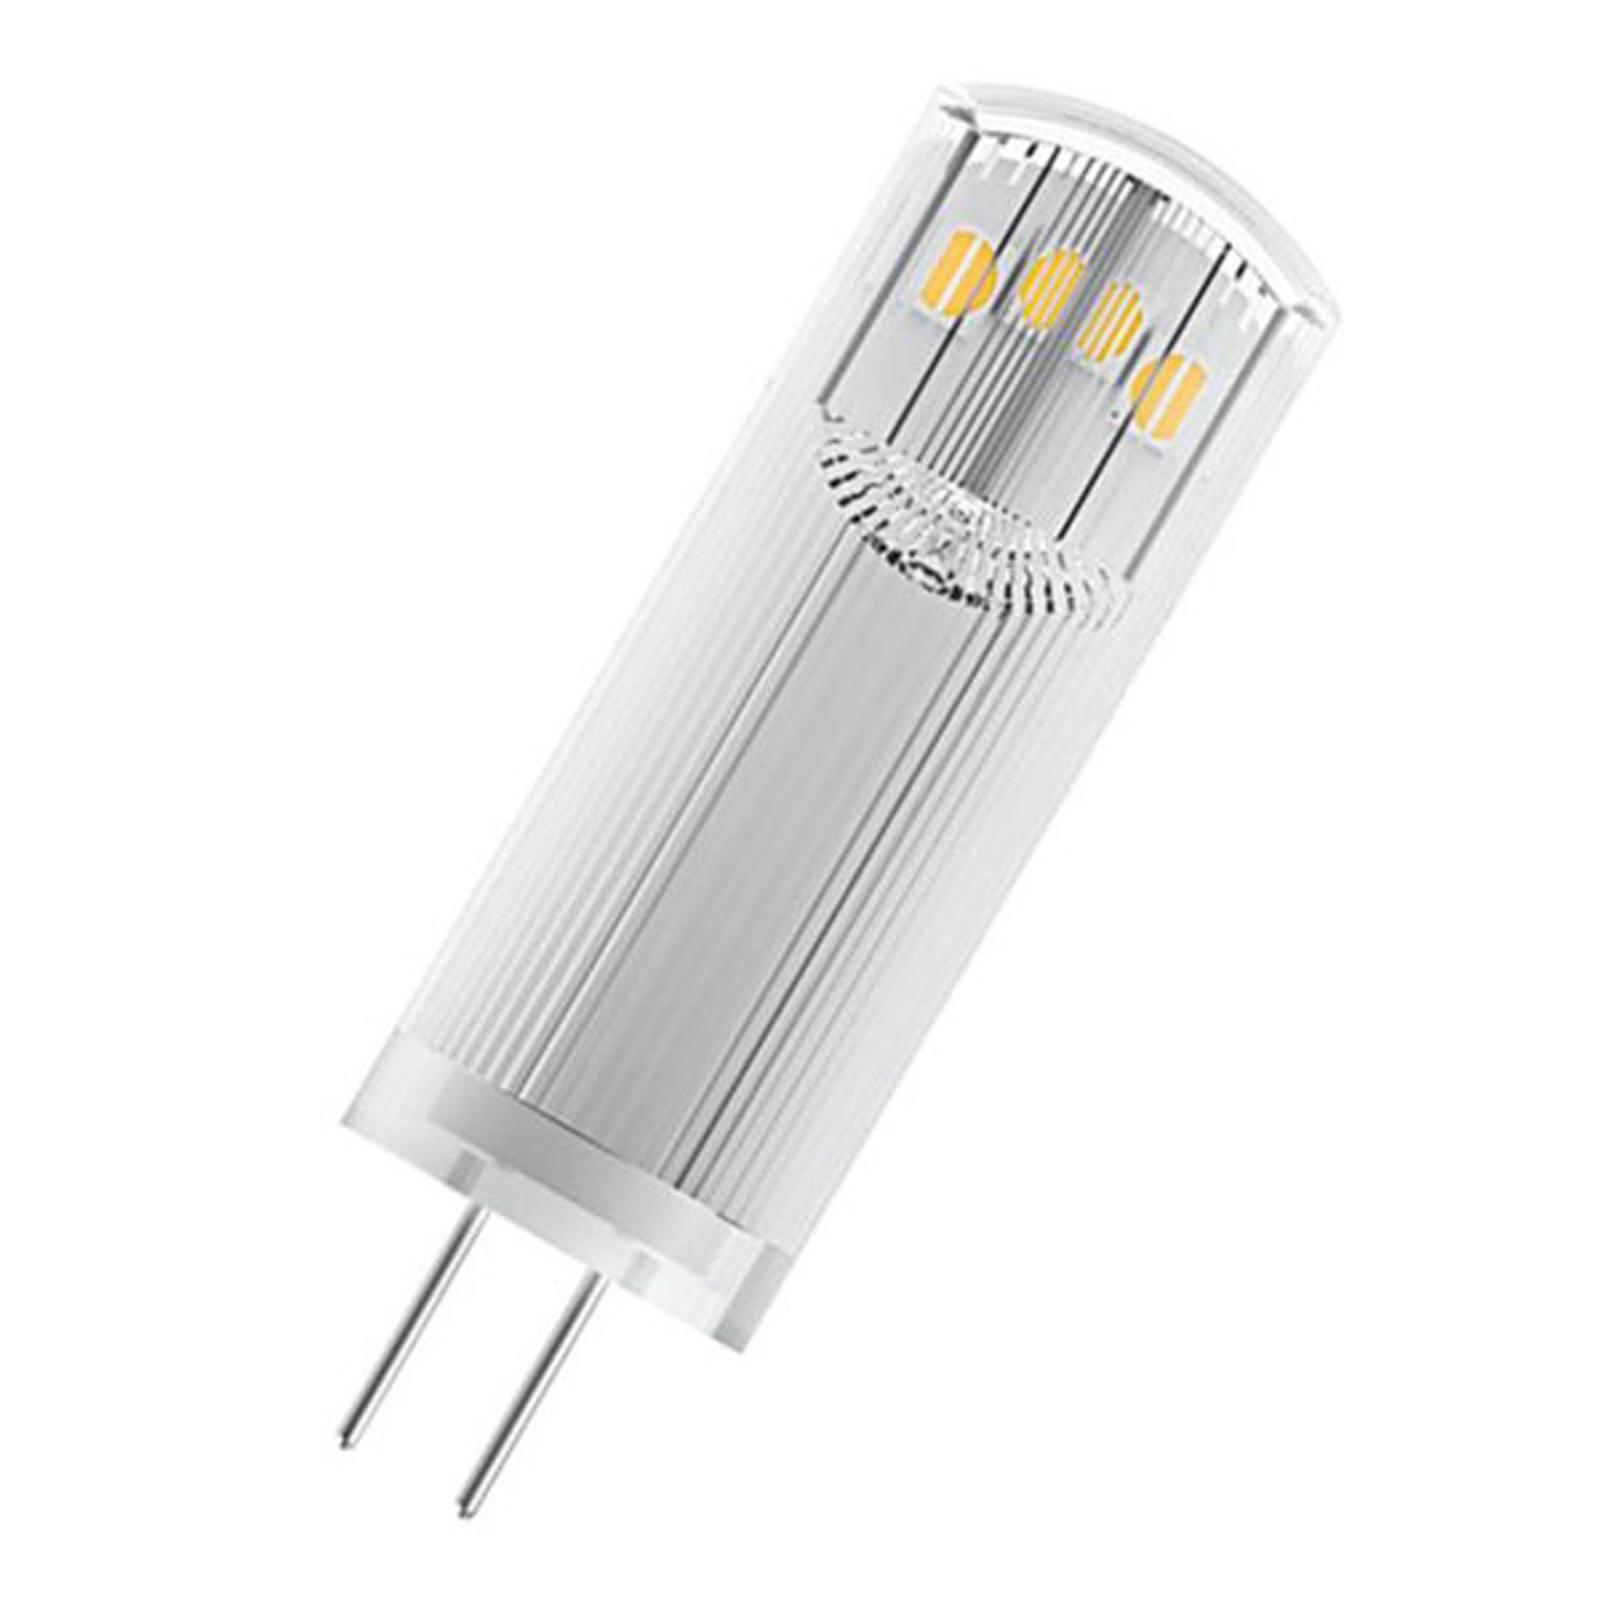 OSRAM ampoule à broche LED G4 1,8W 2700K transp